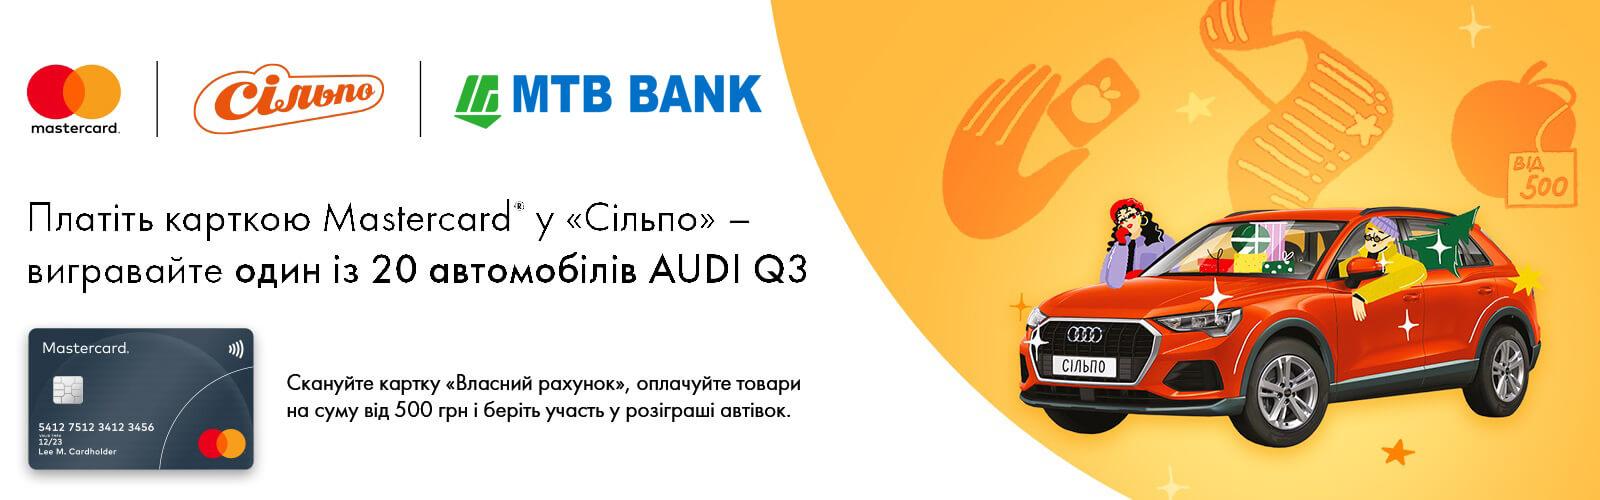 Готові до нової акції від МТБ БАНКу, Mastercard та «Сільпо»? - фото - mtb.ua